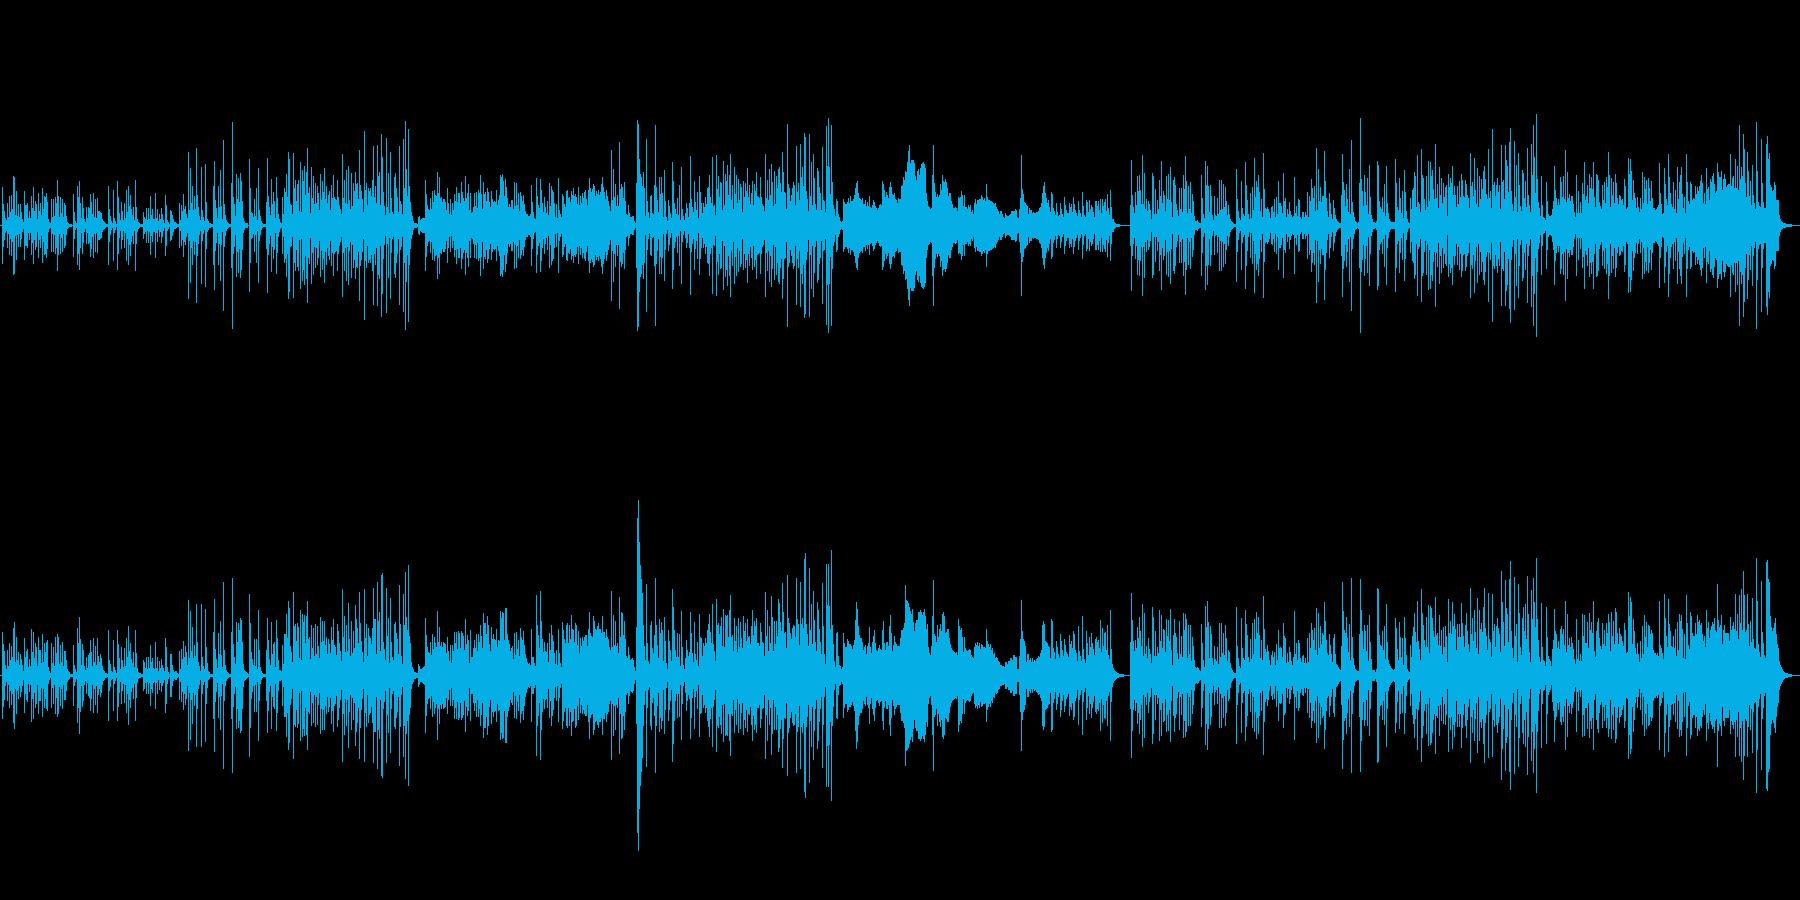 和風の旋律が特徴的な楽曲の再生済みの波形